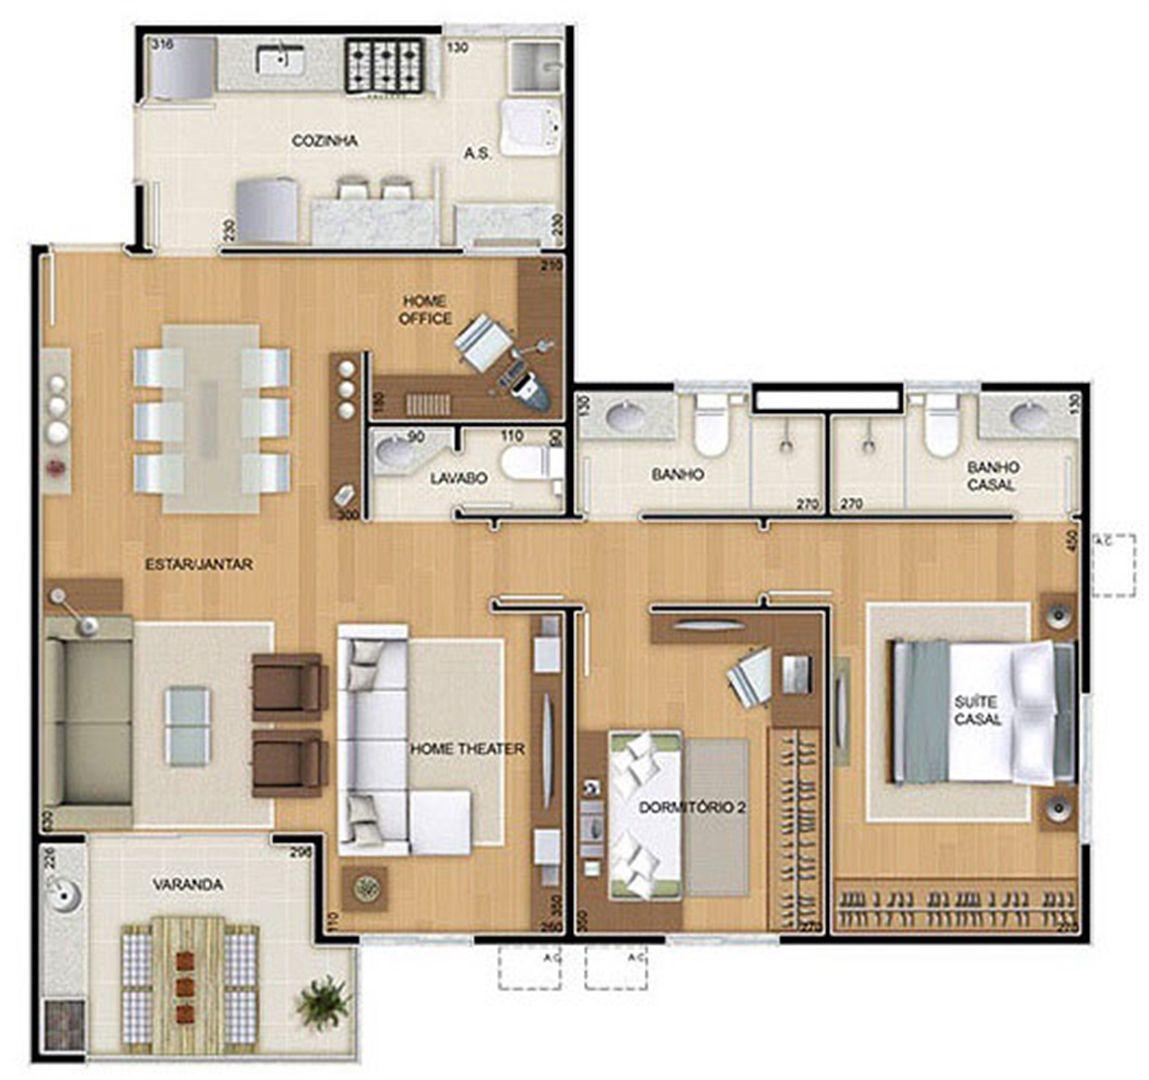 Torres 1 e 4 - 3 Quartos - 96 m² - Planta opção - 2 Quartos e Sala Ampliada   Reserva Verde Residencial Park – Apartamento em  Laranjeiras - Serra - Espírito Santo